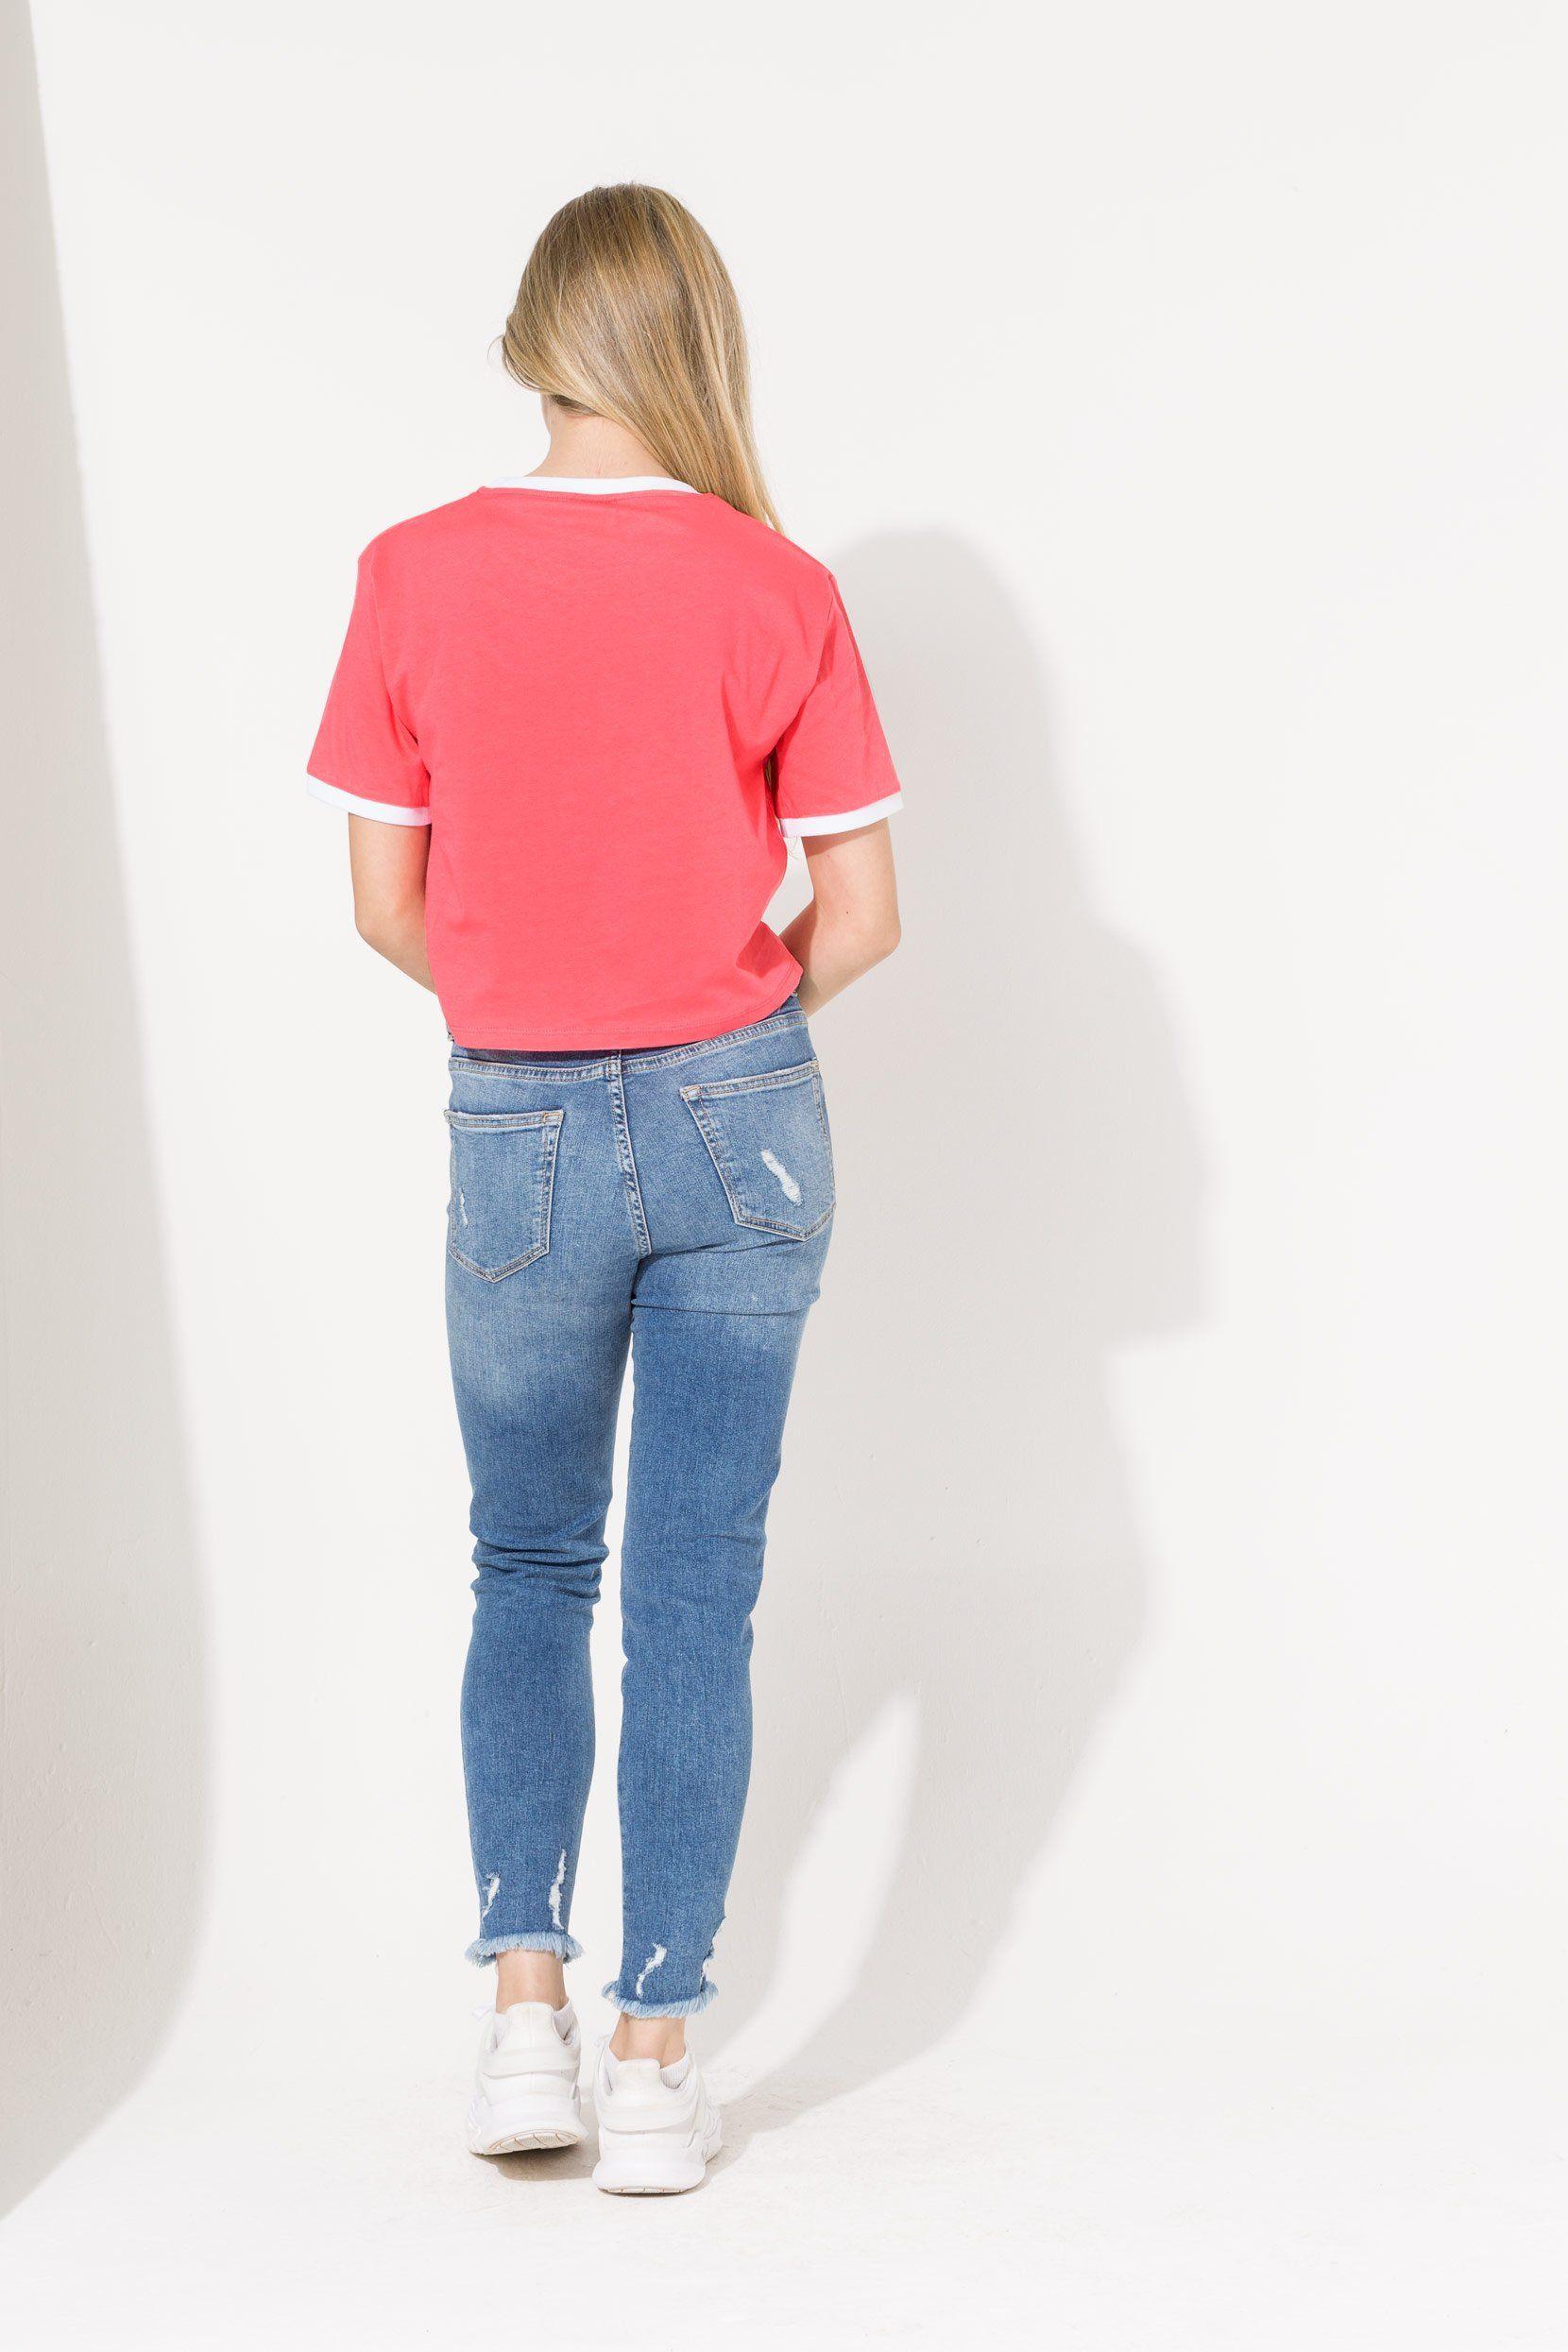 Hype Pink Ringer Script Kids Crop T-Shirt